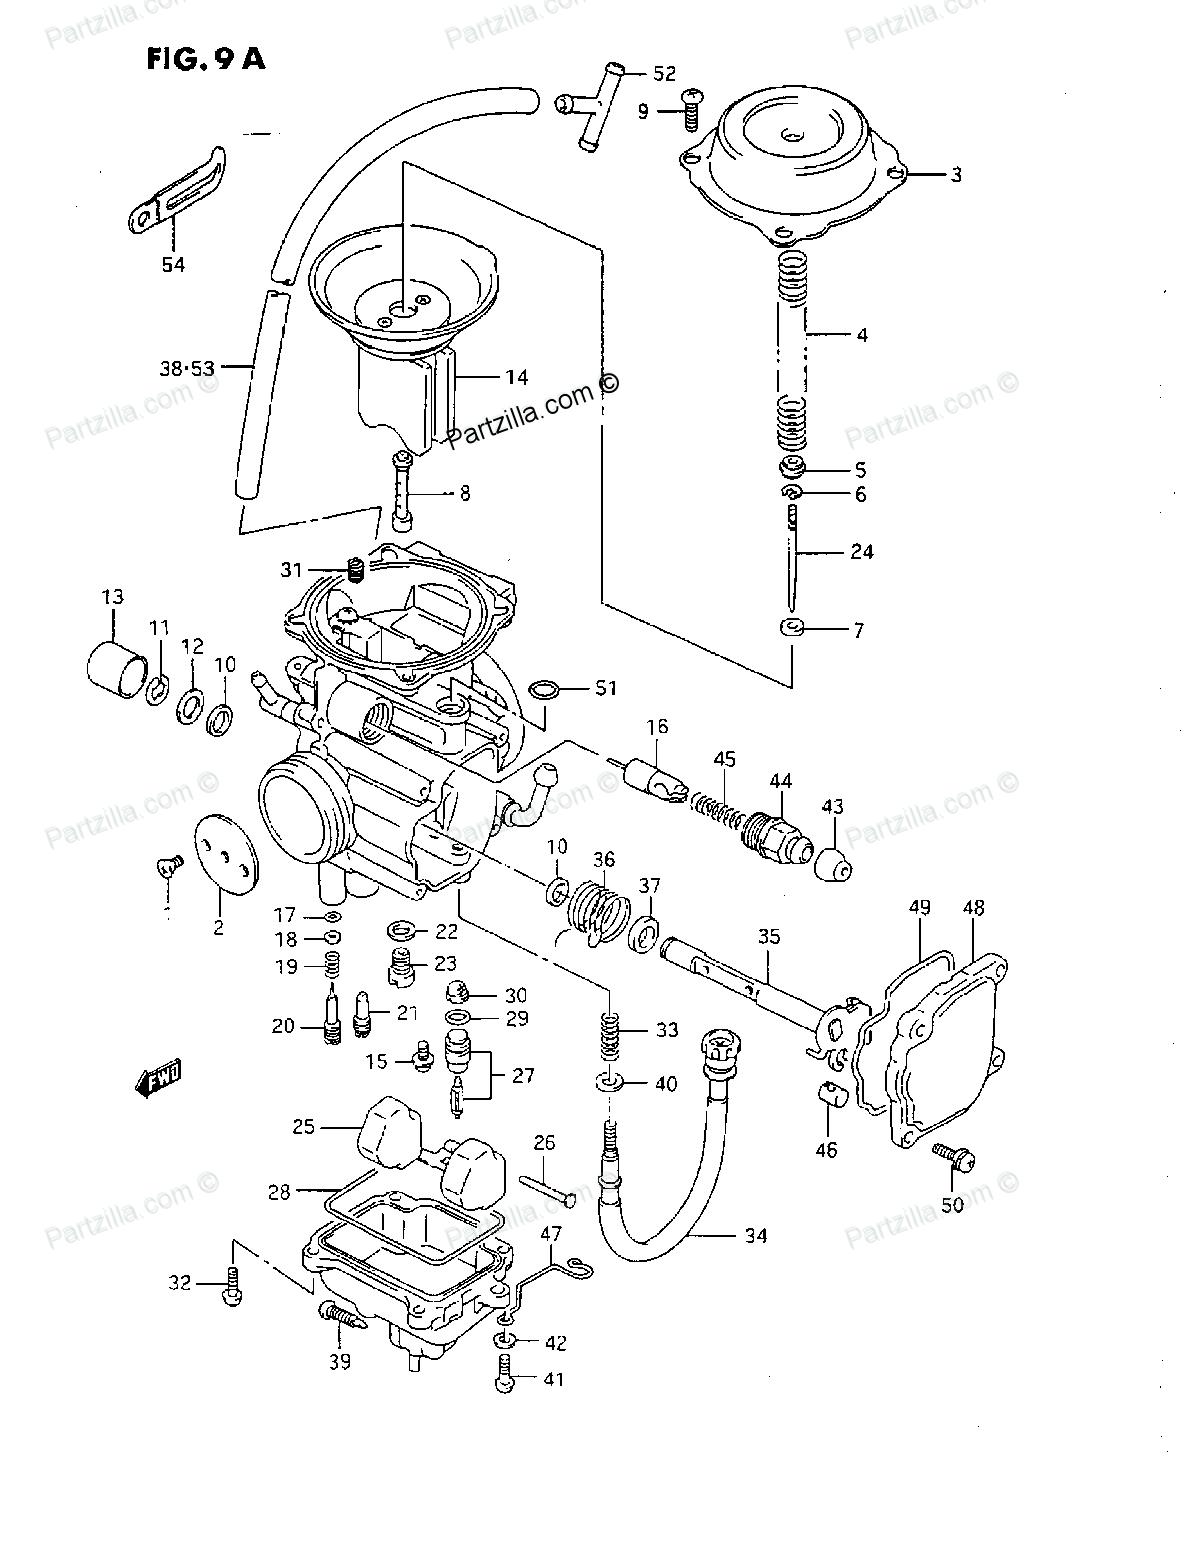 Charming 2003 Suzuki Eiger Wiring Diagram Contemporary ...